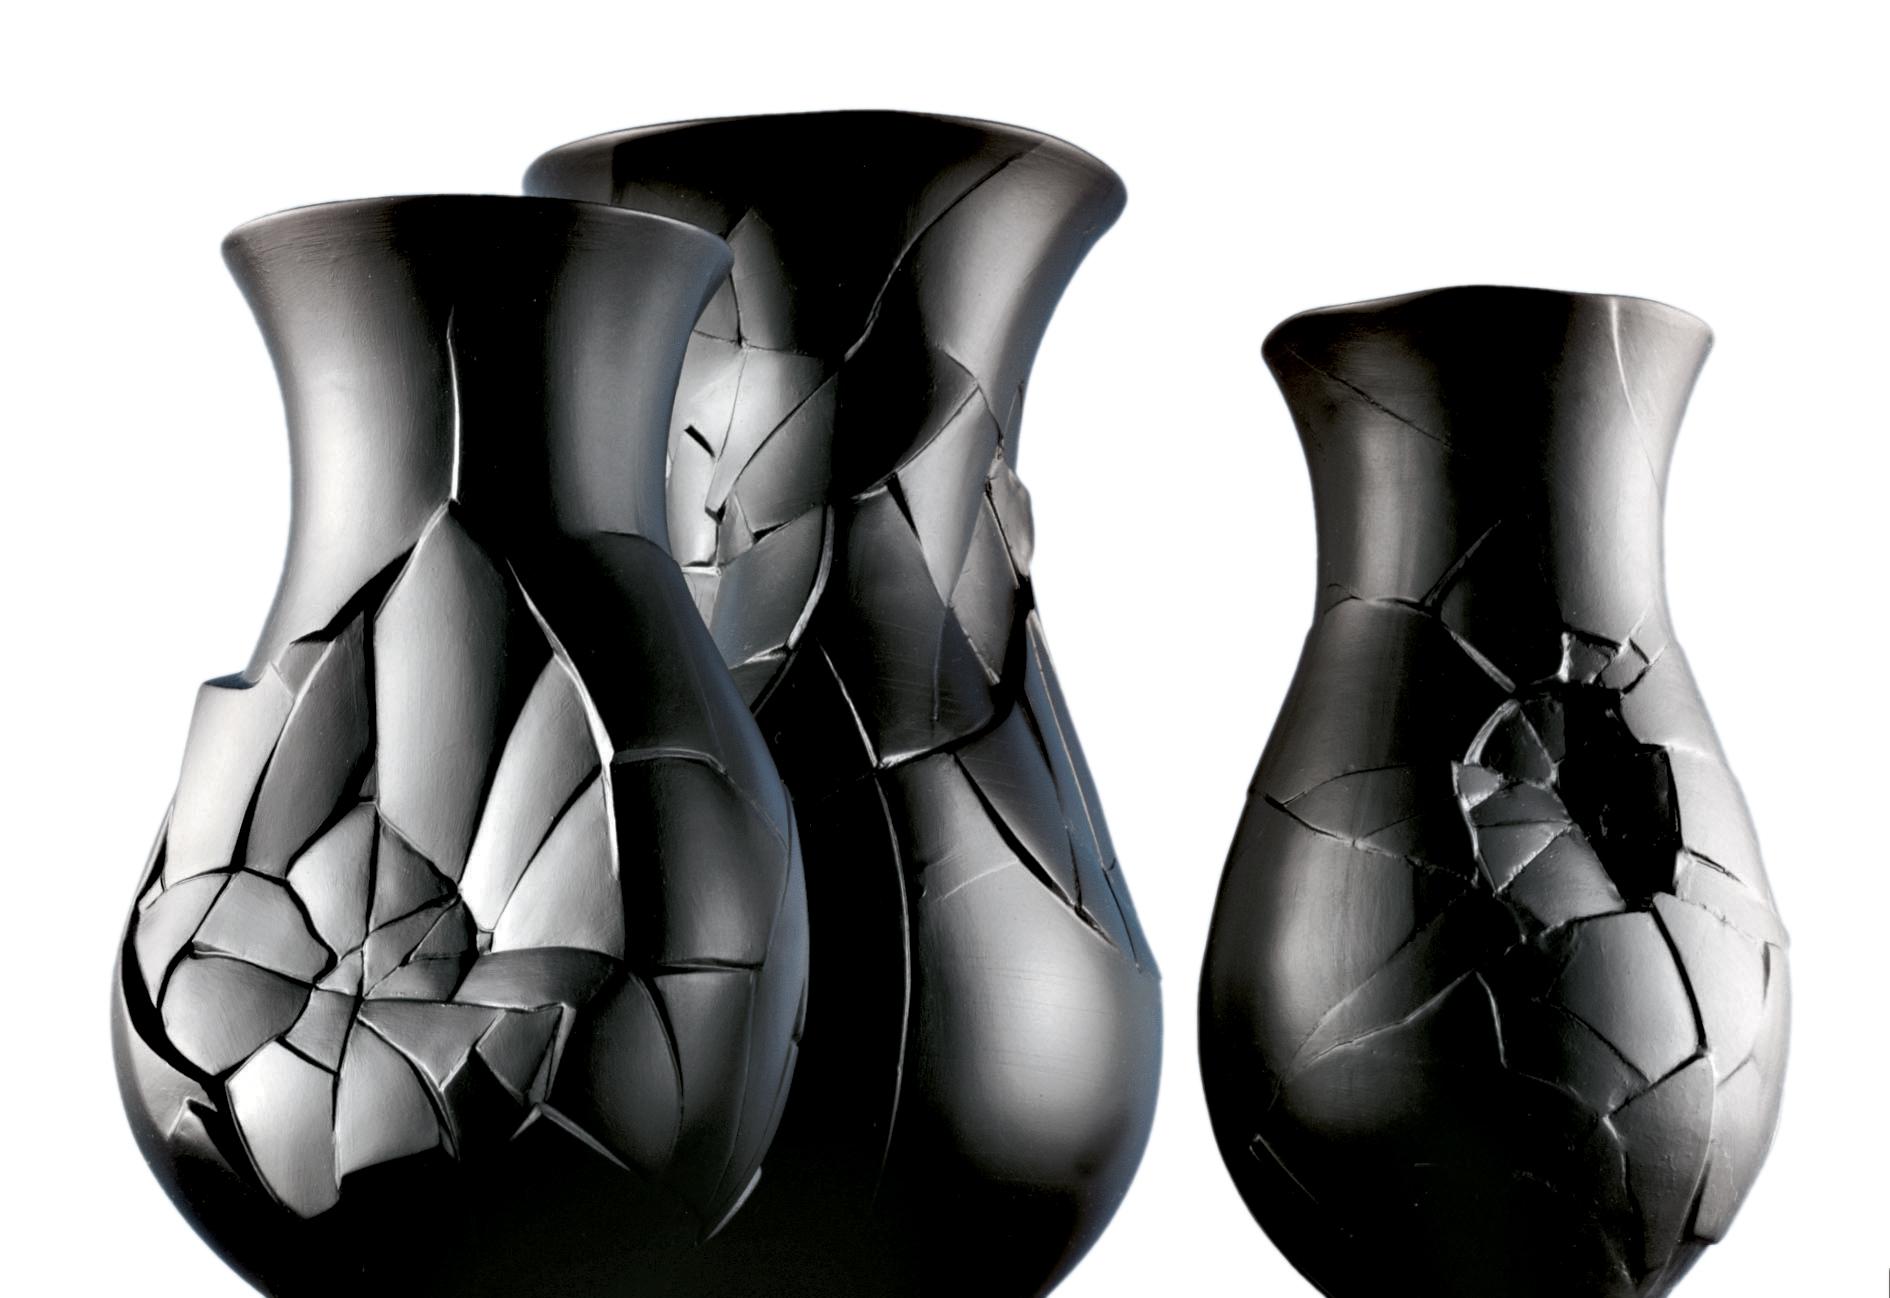 Dror-Vase-of-Phases_for_Rosenthal.jpg